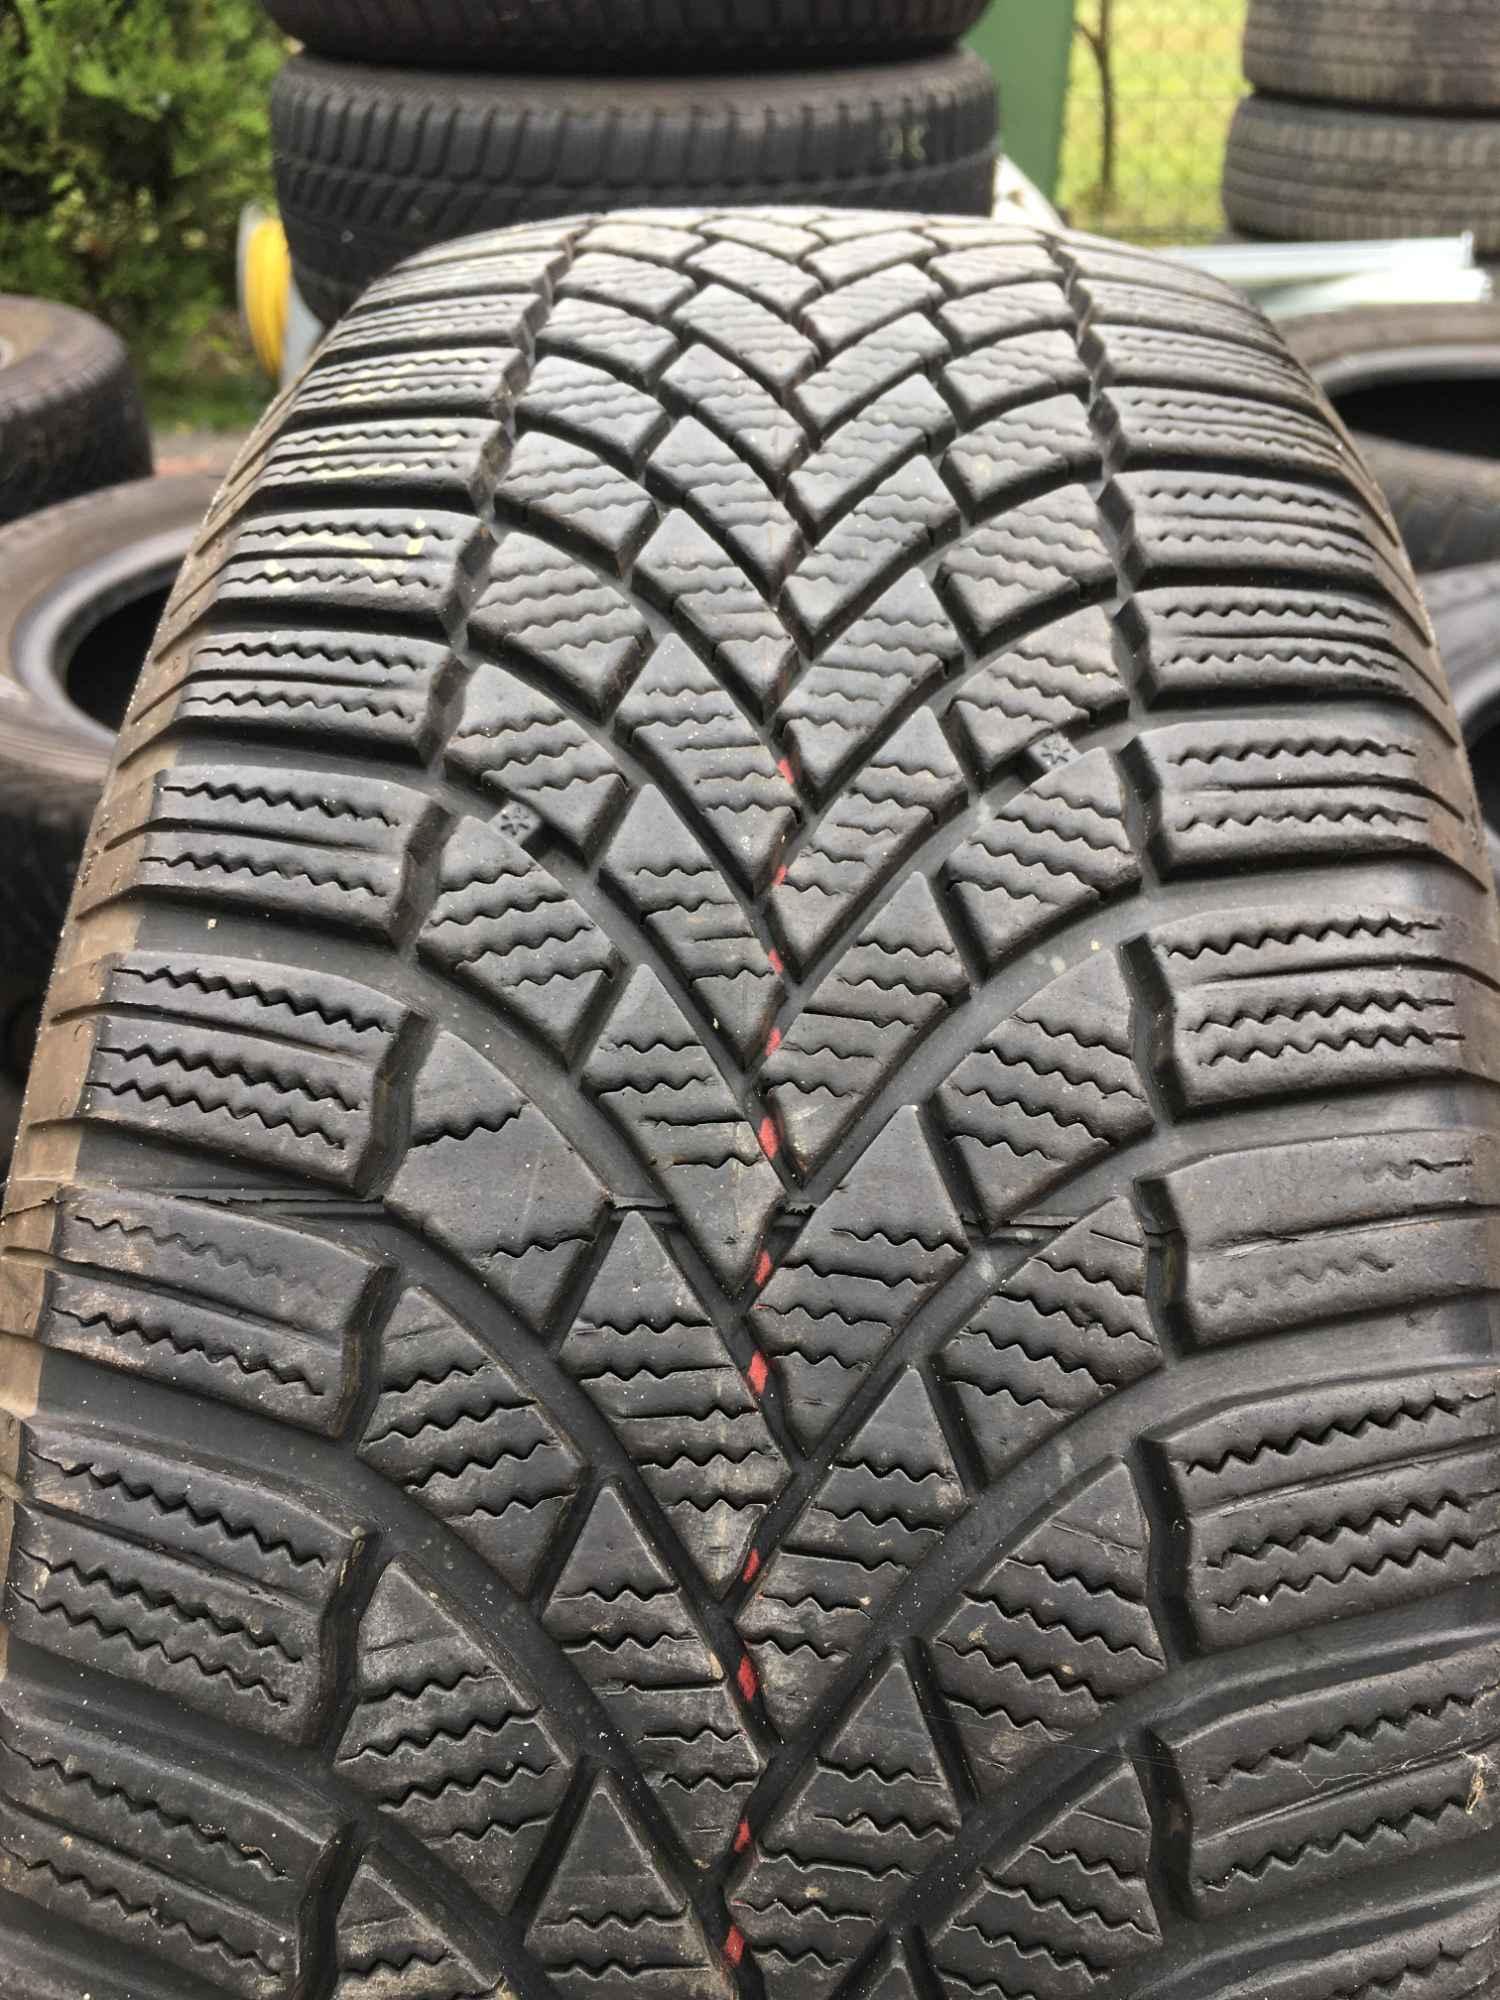 205/55/16 zimowe Bridgestone Blizzak Rychwał - zdjęcie 2